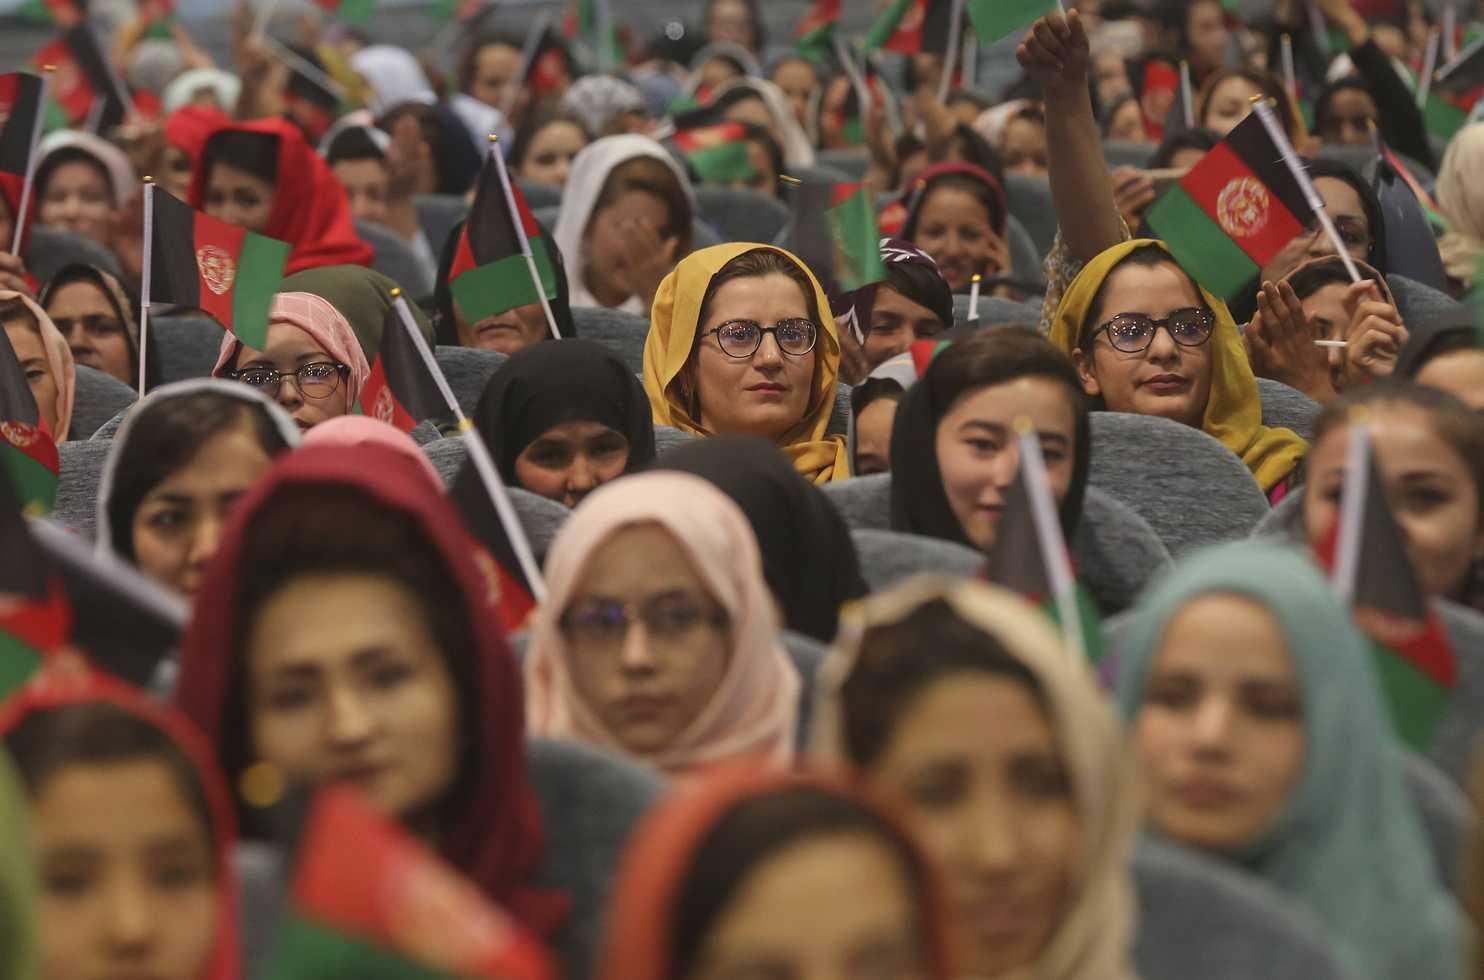 برگشت به عقب؛ دغدغۀ این روزهای زنان افغانستانی